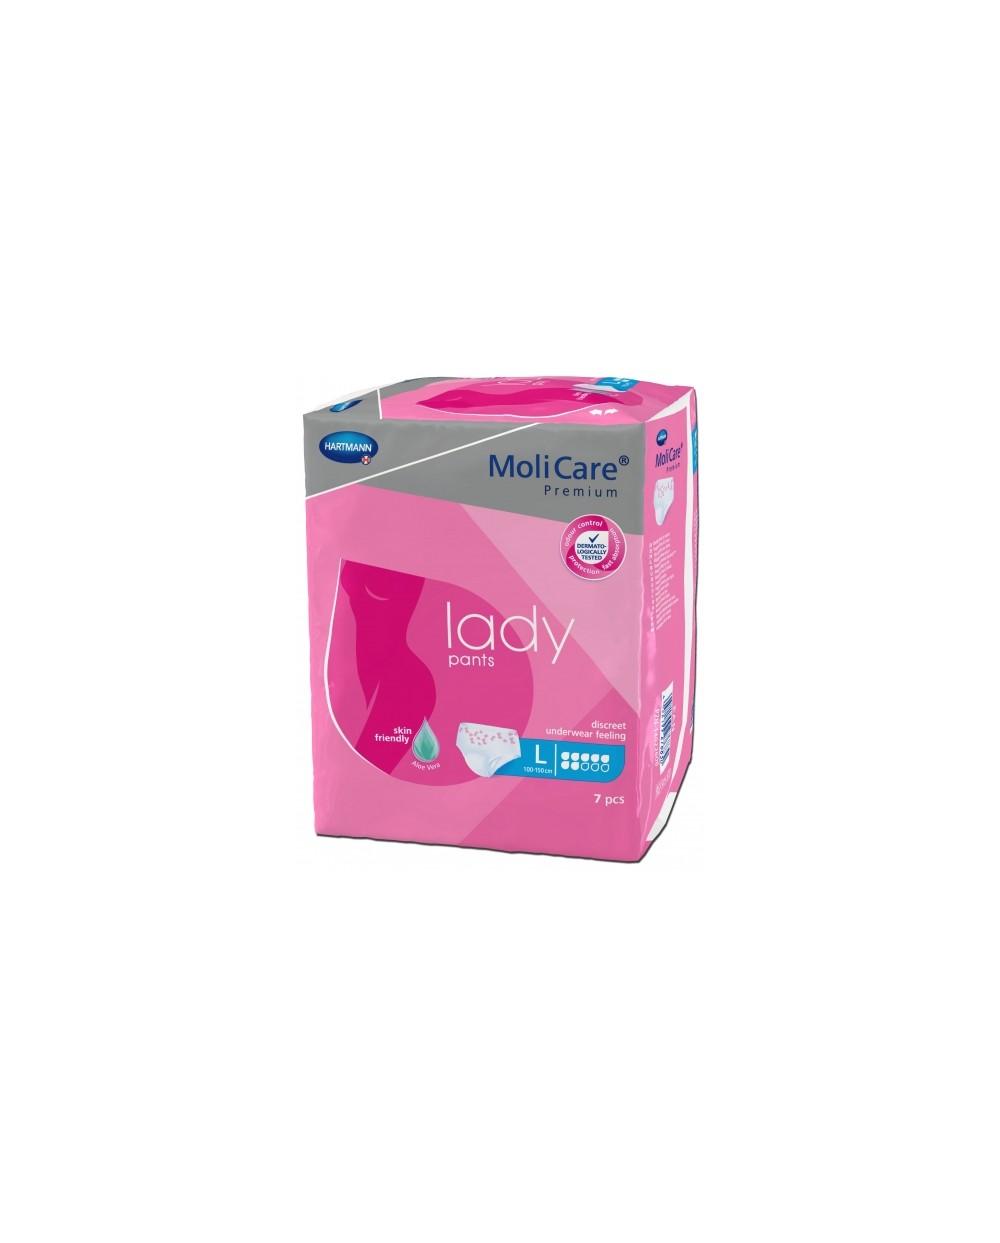 Hartmann Molicare Premium Lady Pants 7 gouttes Large - 7 protections